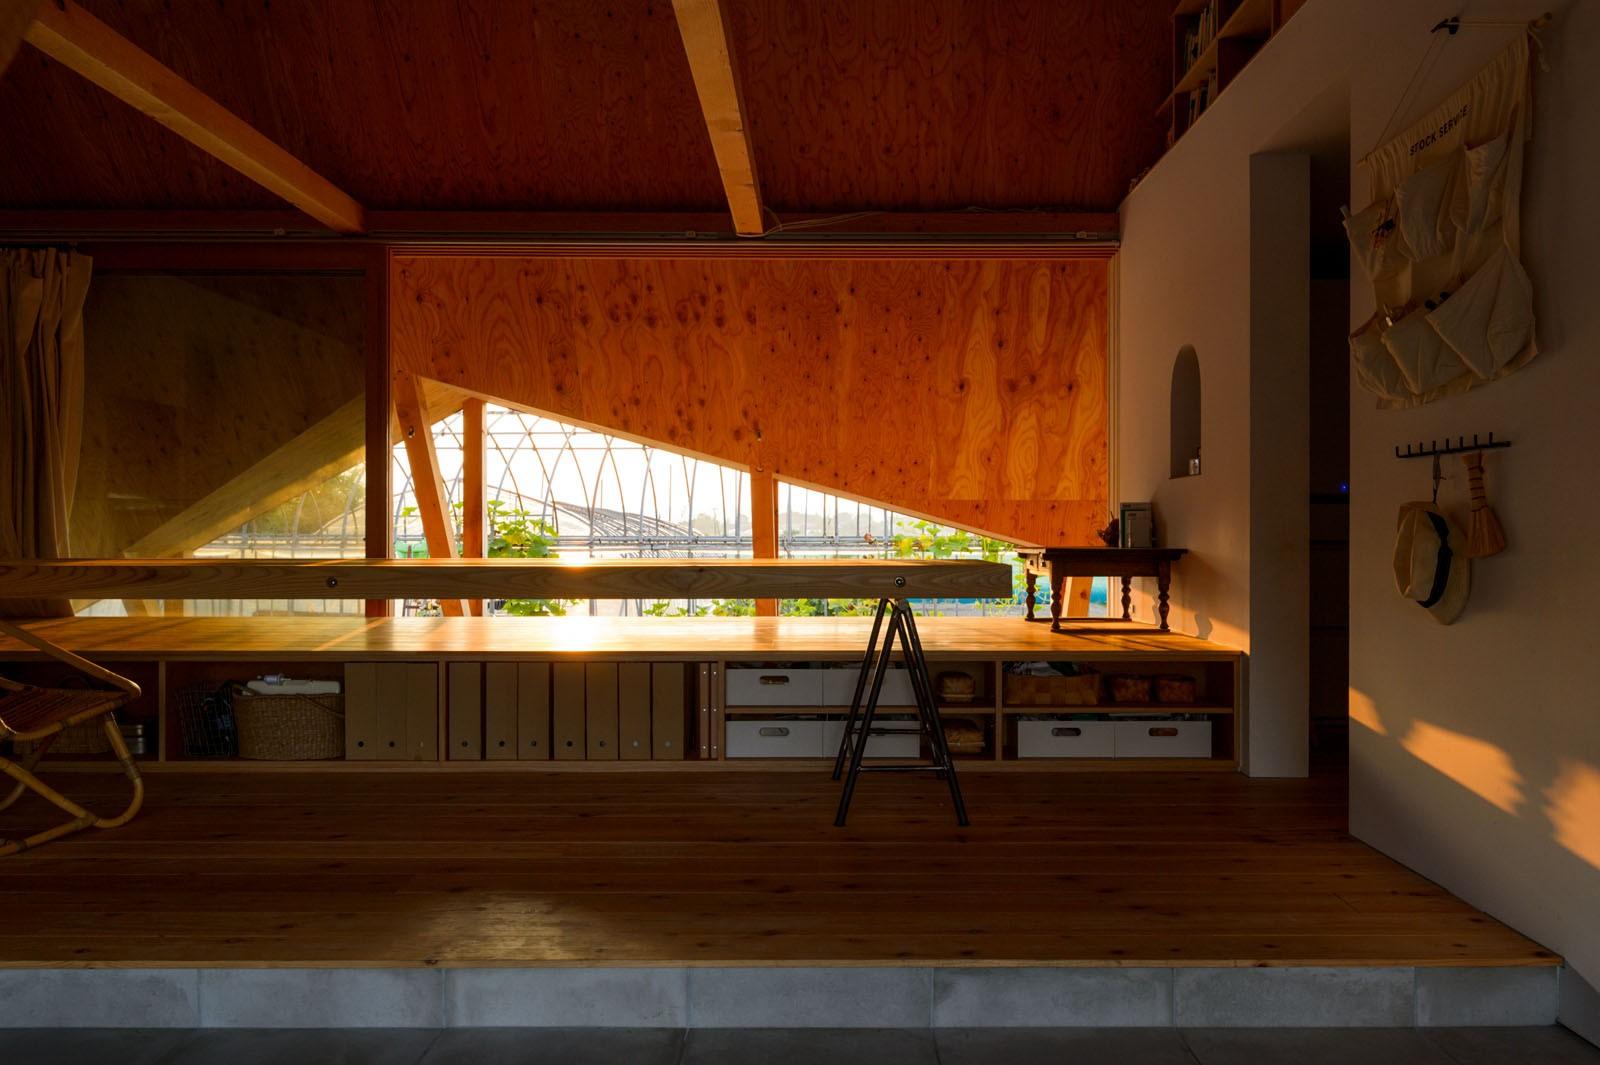 リビングダイニング事例:リビングダイニング(hara house)